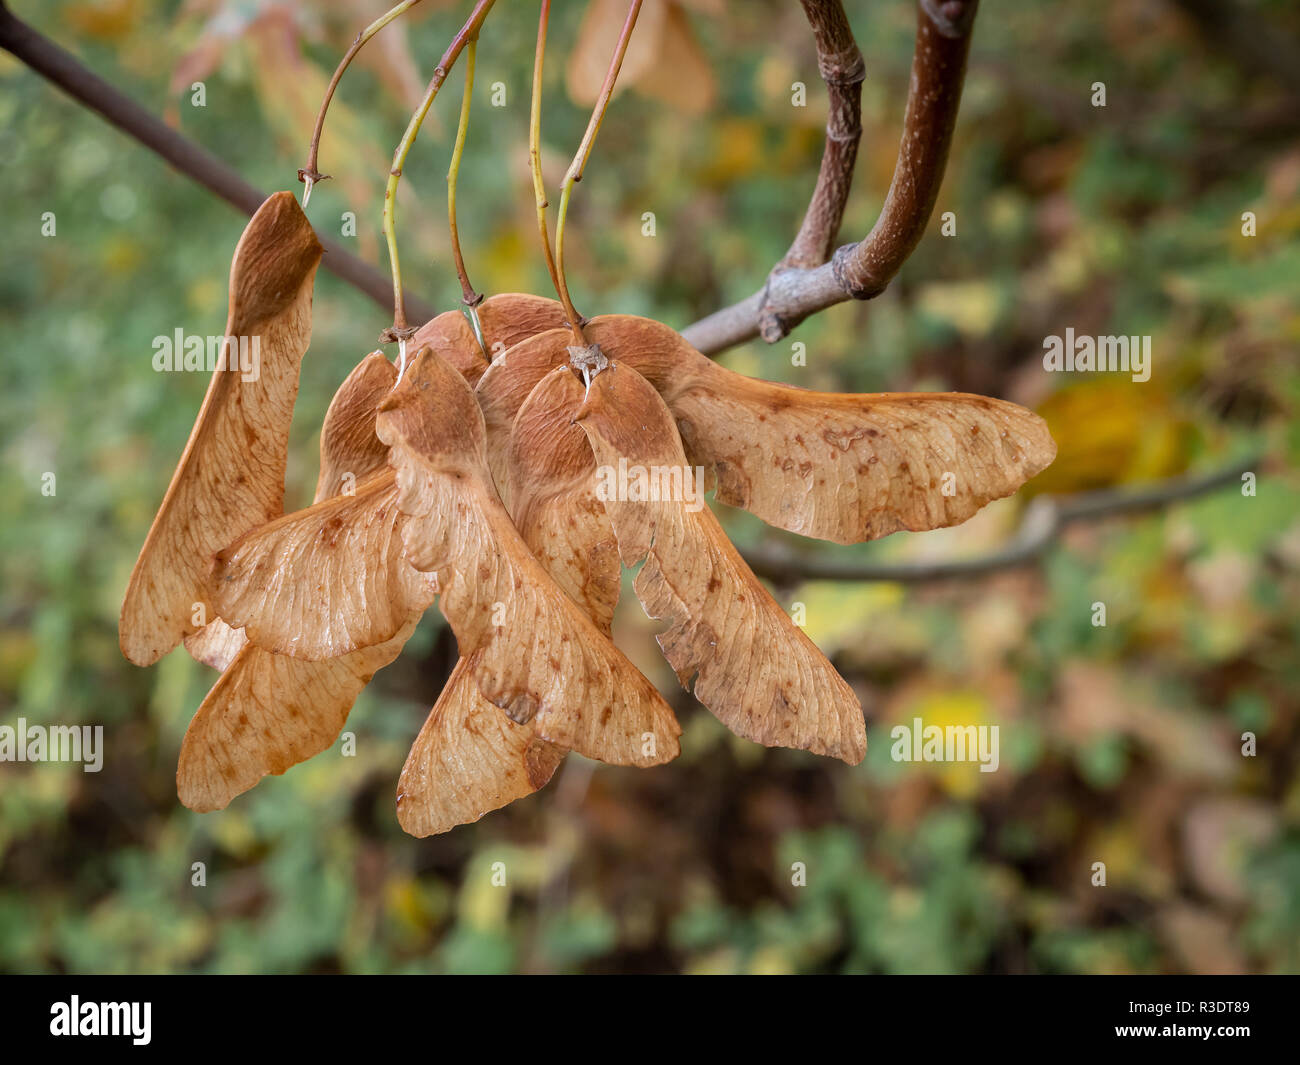 Noce alato frutto dell'acero montano - Acer pseudoplatanus - acero Foto Stock